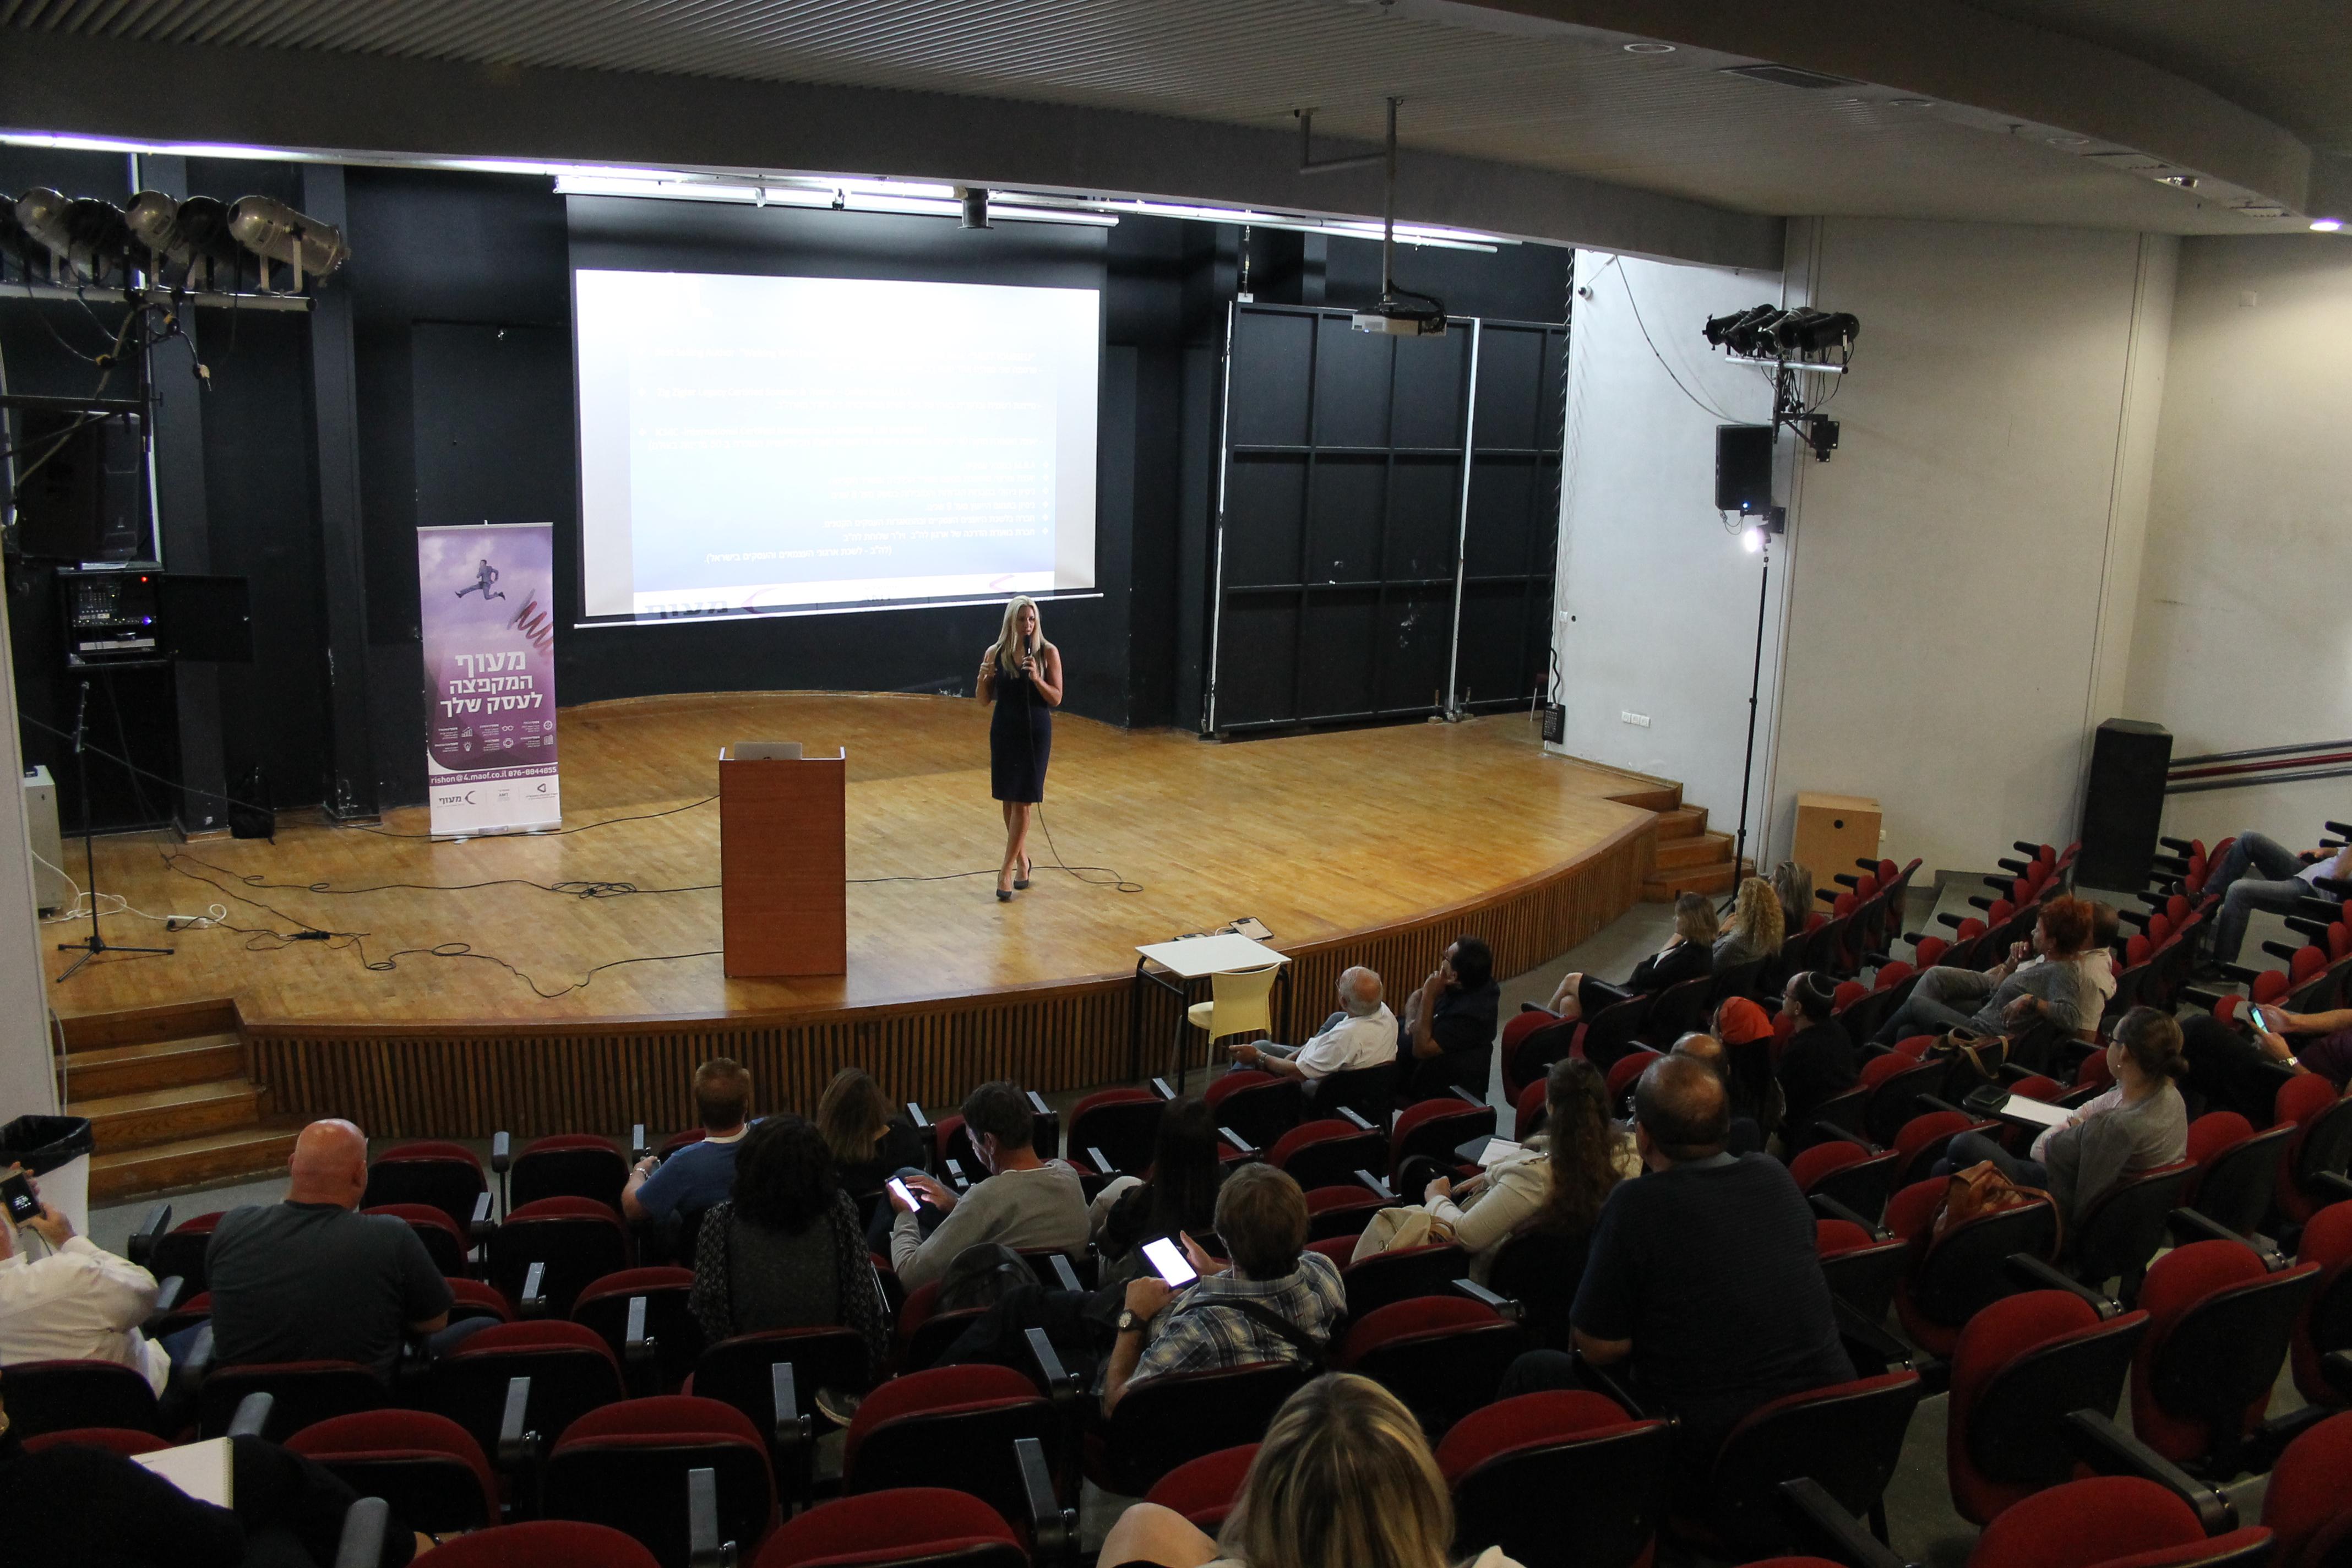 הרצאות מרתקות לחברות וארגונים